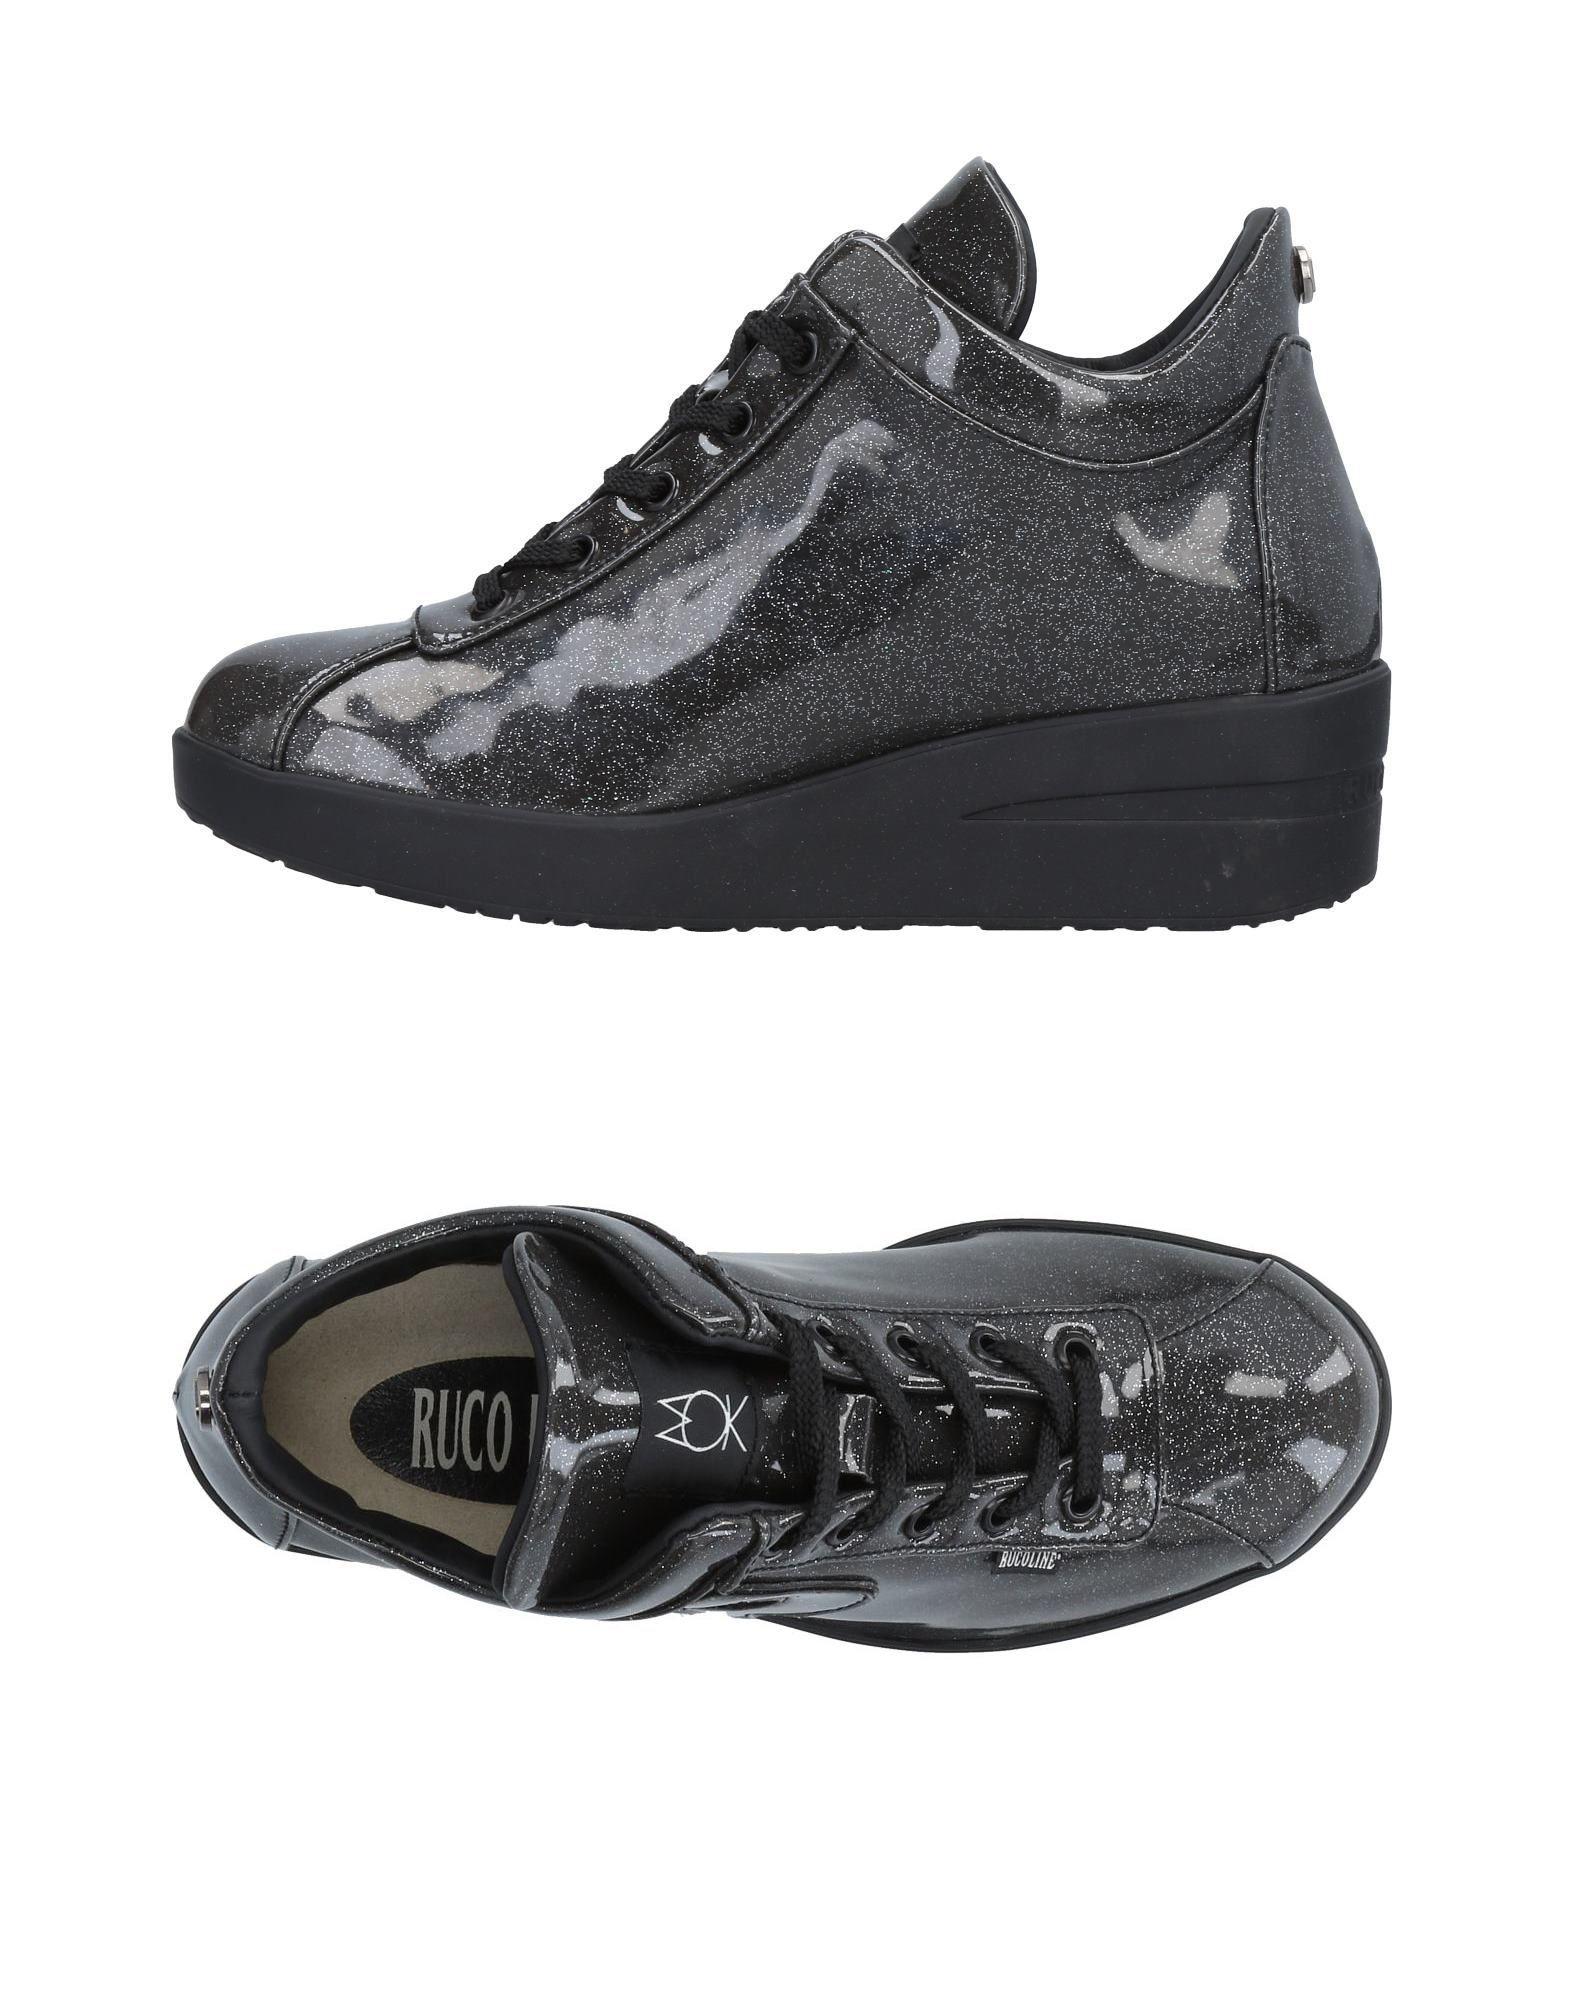 Baskets Ruco Line Femme - Baskets Ruco Line Plomb Nouvelles chaussures pour hommes et femmes, remise limitée dans le temps